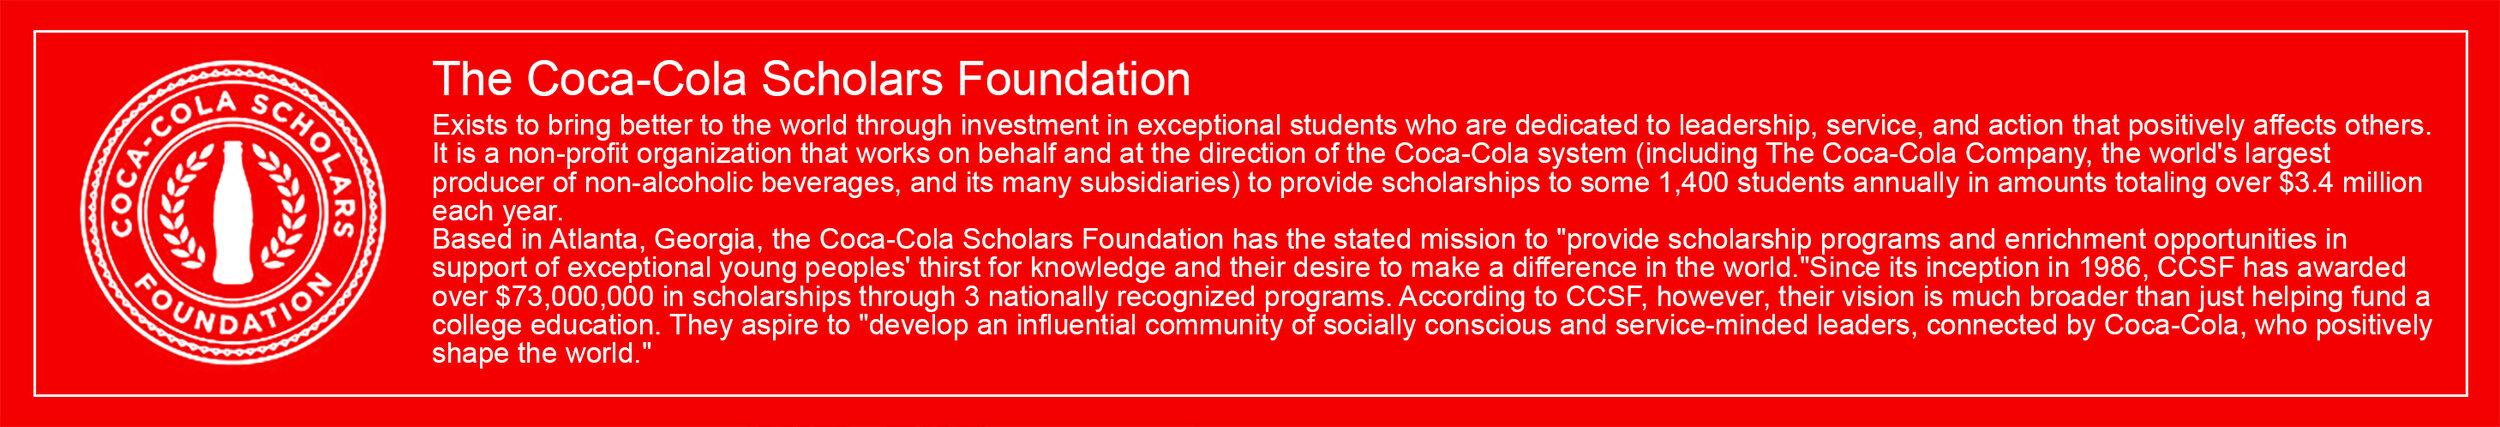 CocaCola Scholar_vx.jpg